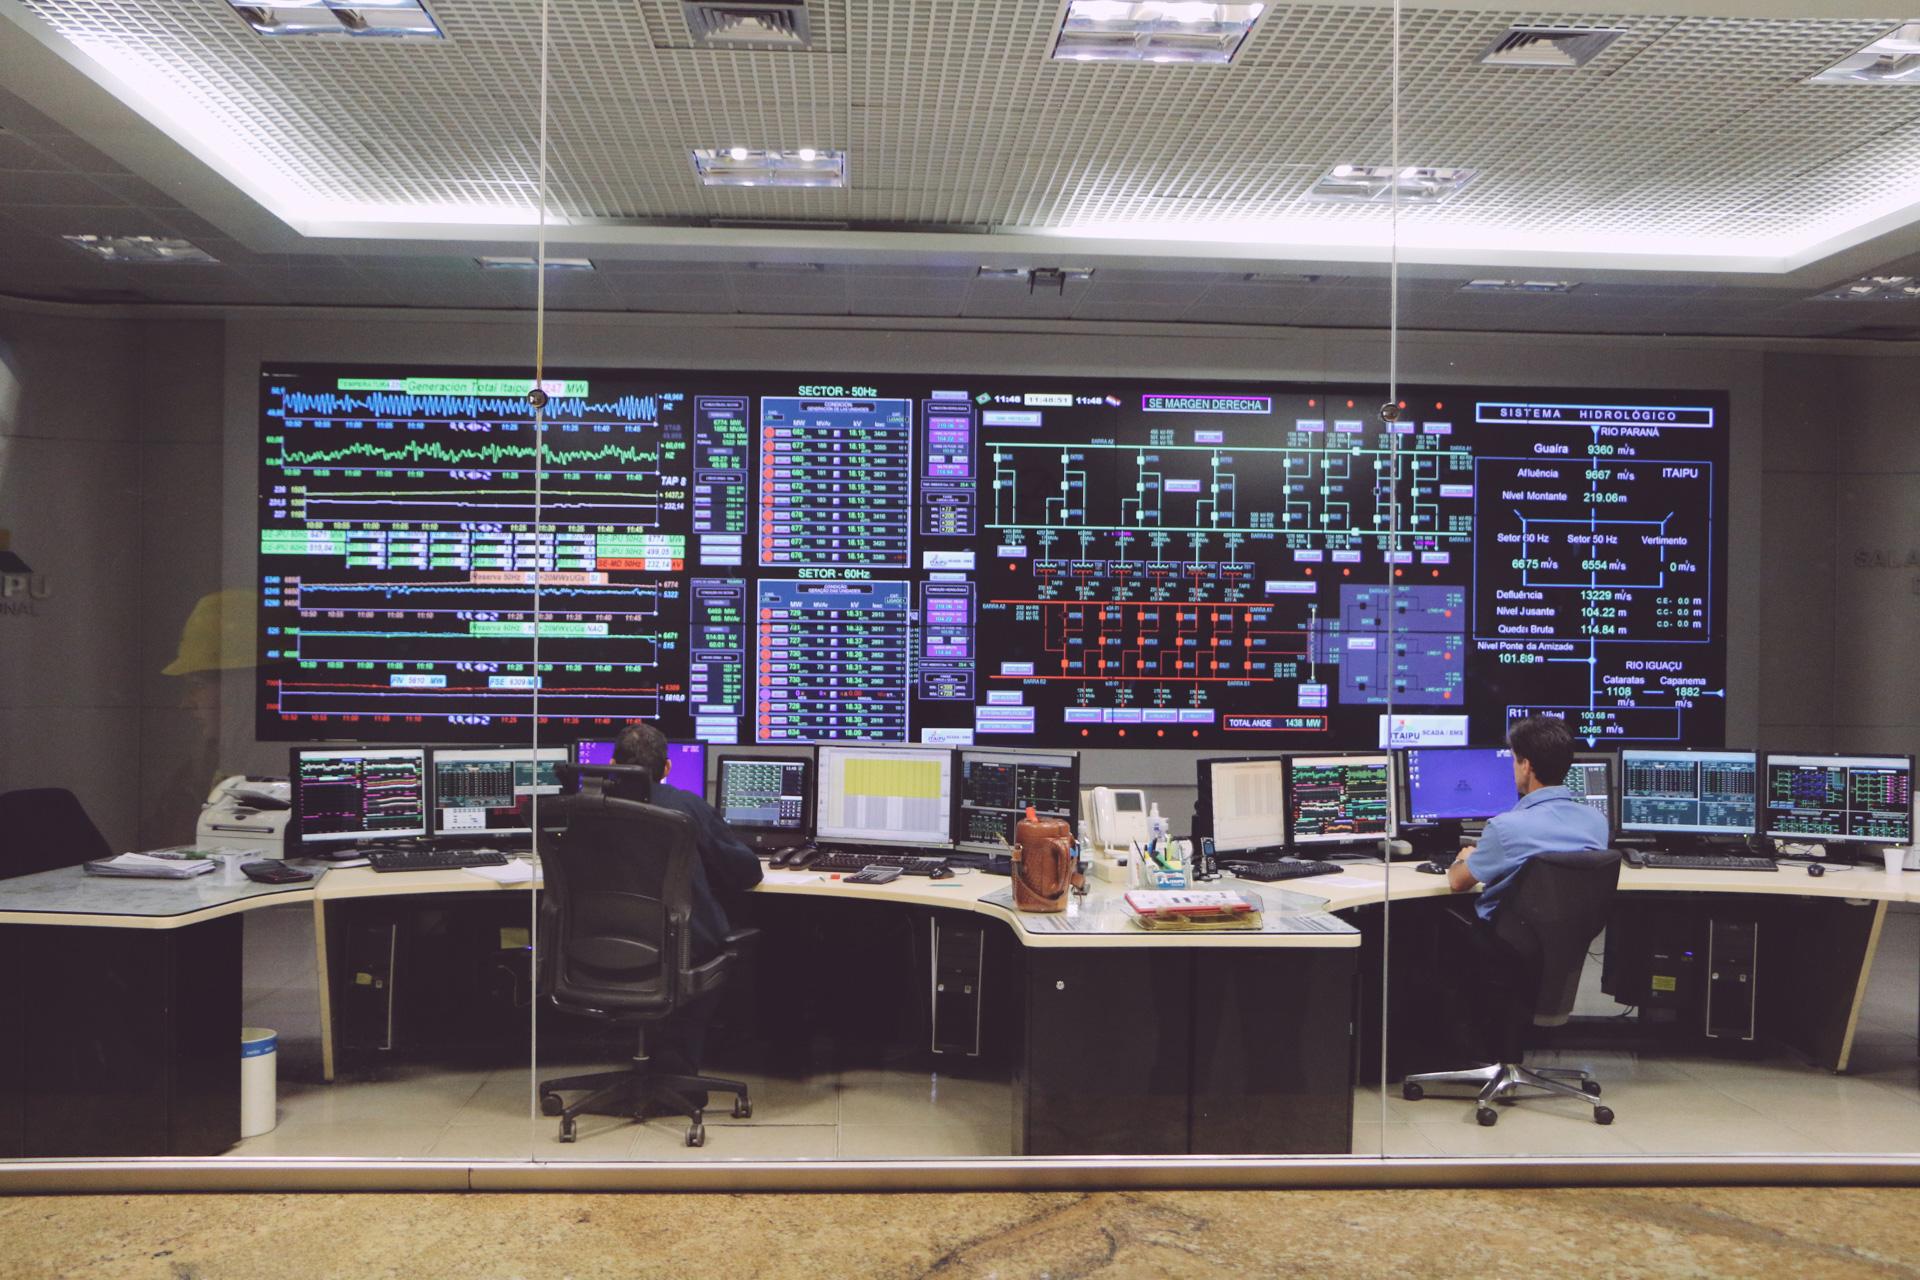 itaupu-dam-control-room